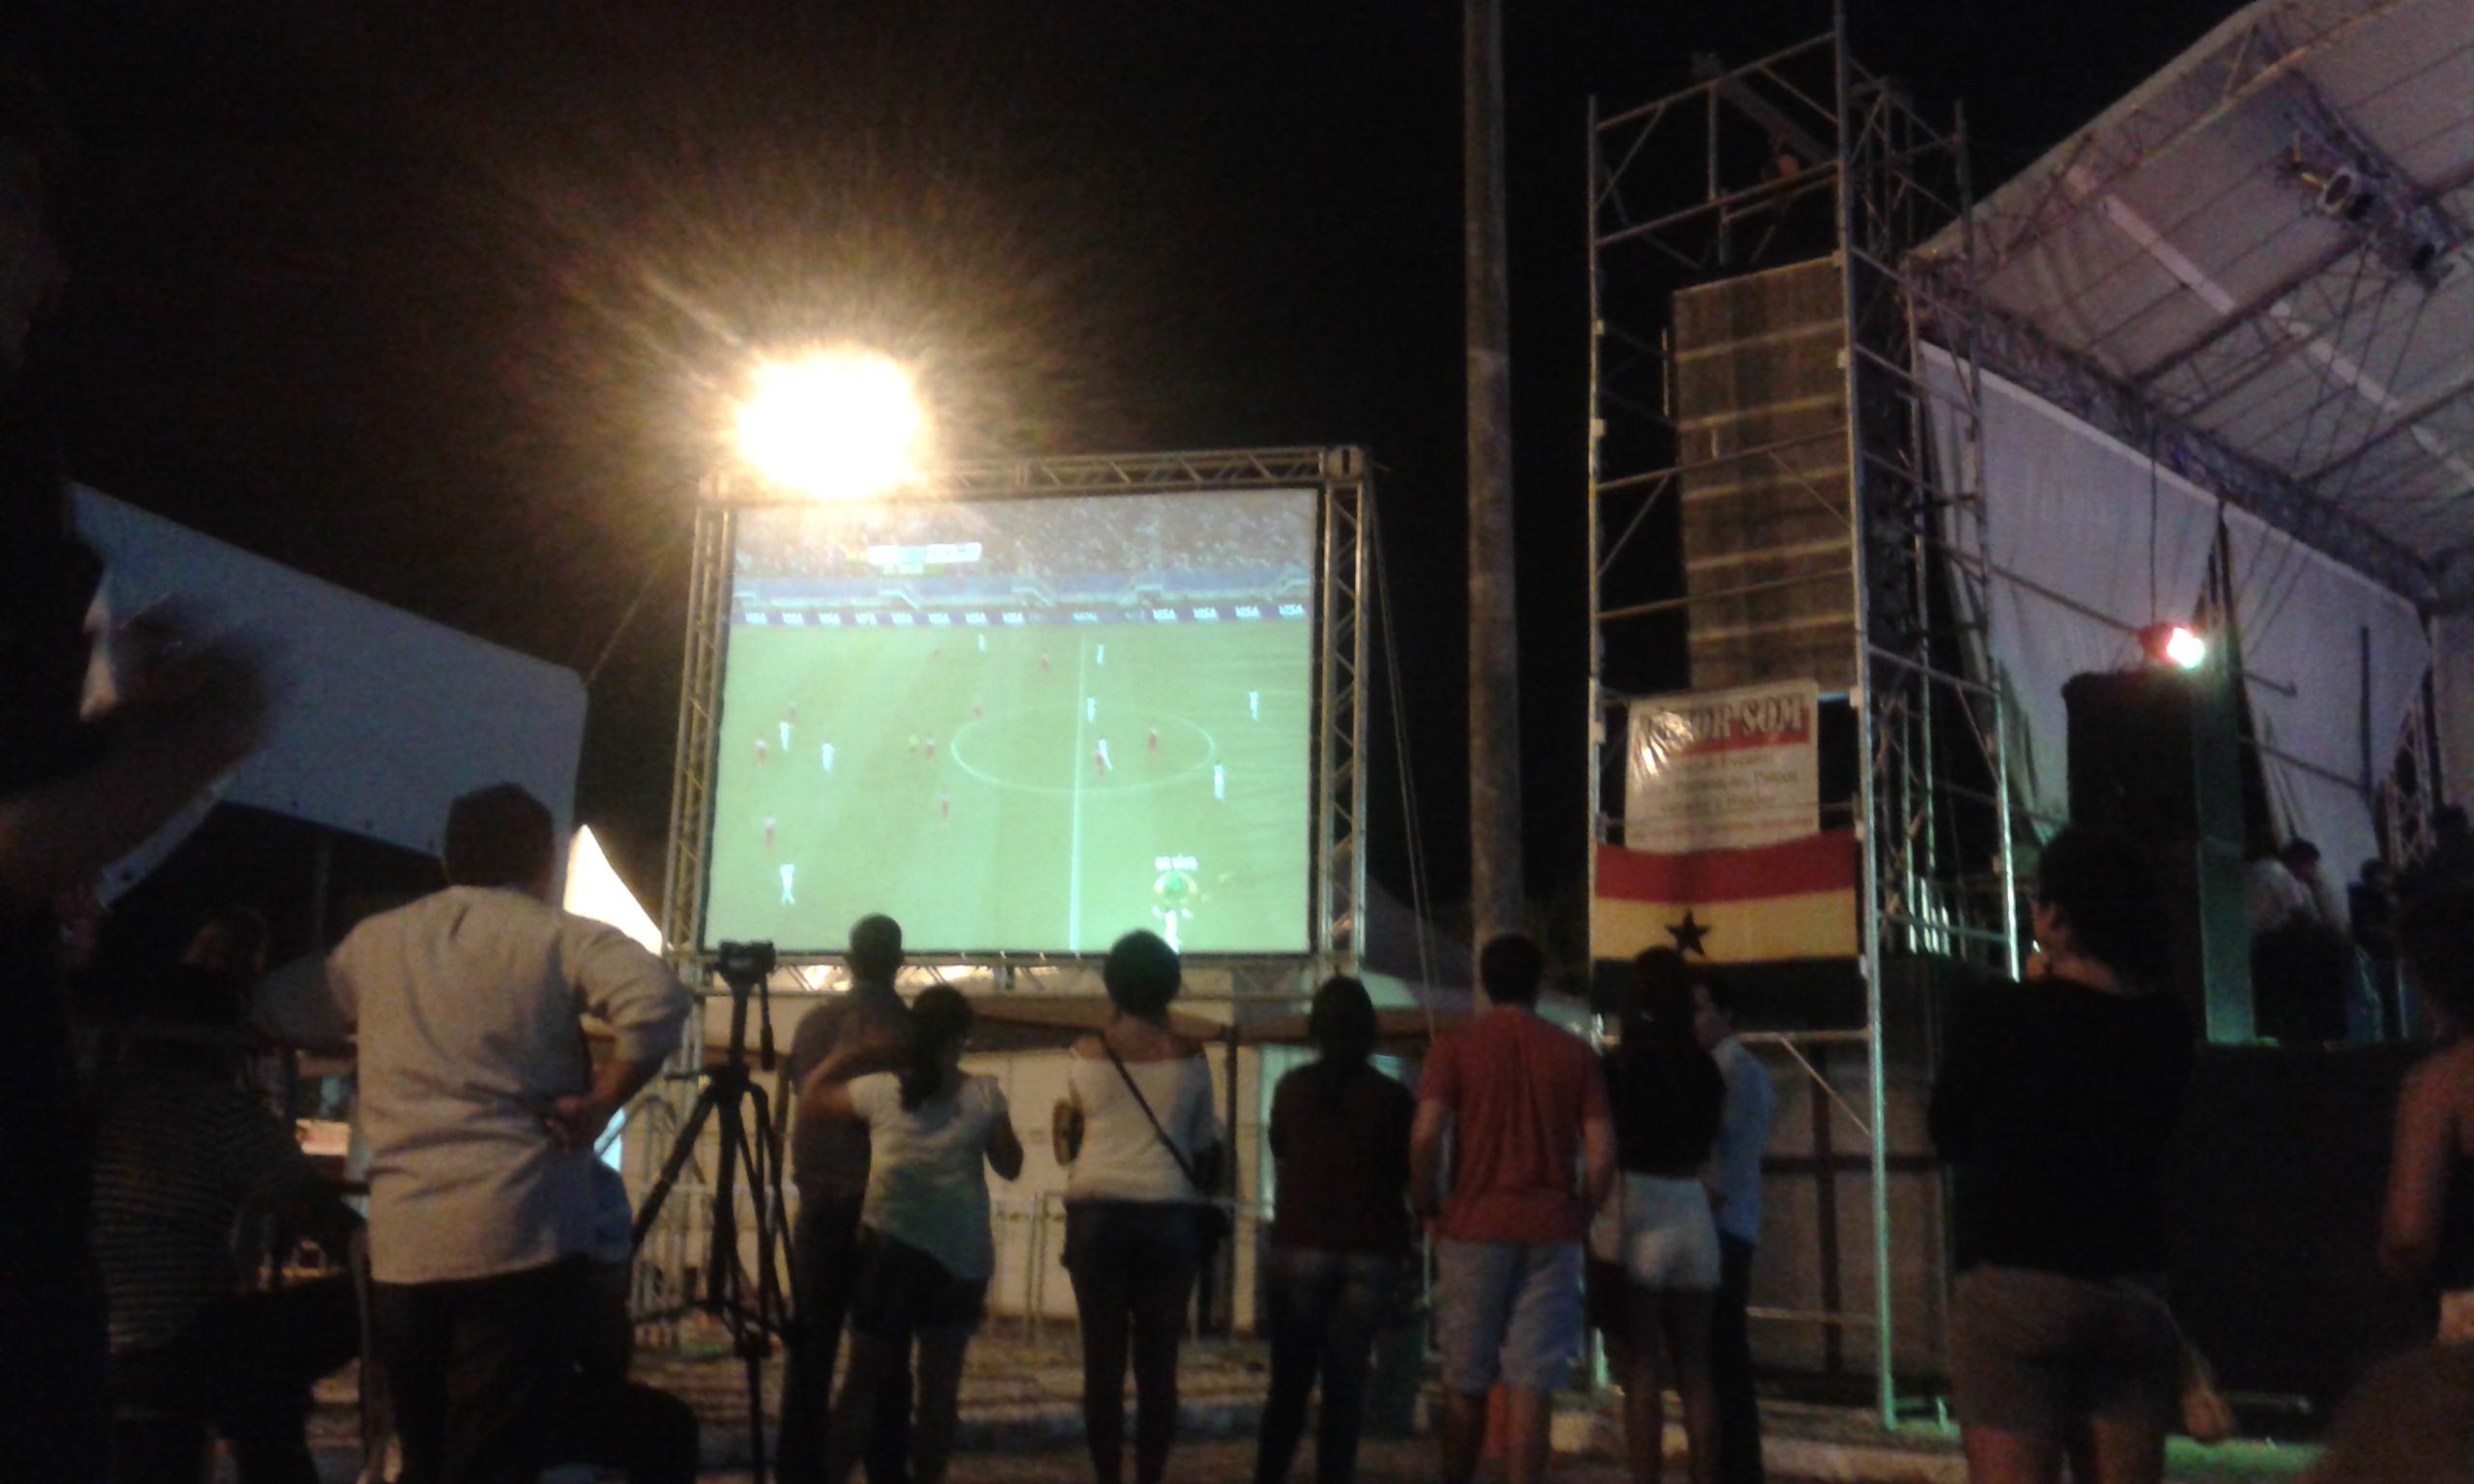 Les supporteurs de Ghana et Brésil regardent le match Ghana - États-Unis au écran géante installé au Festival (Crédite photo: Fabio Santana).